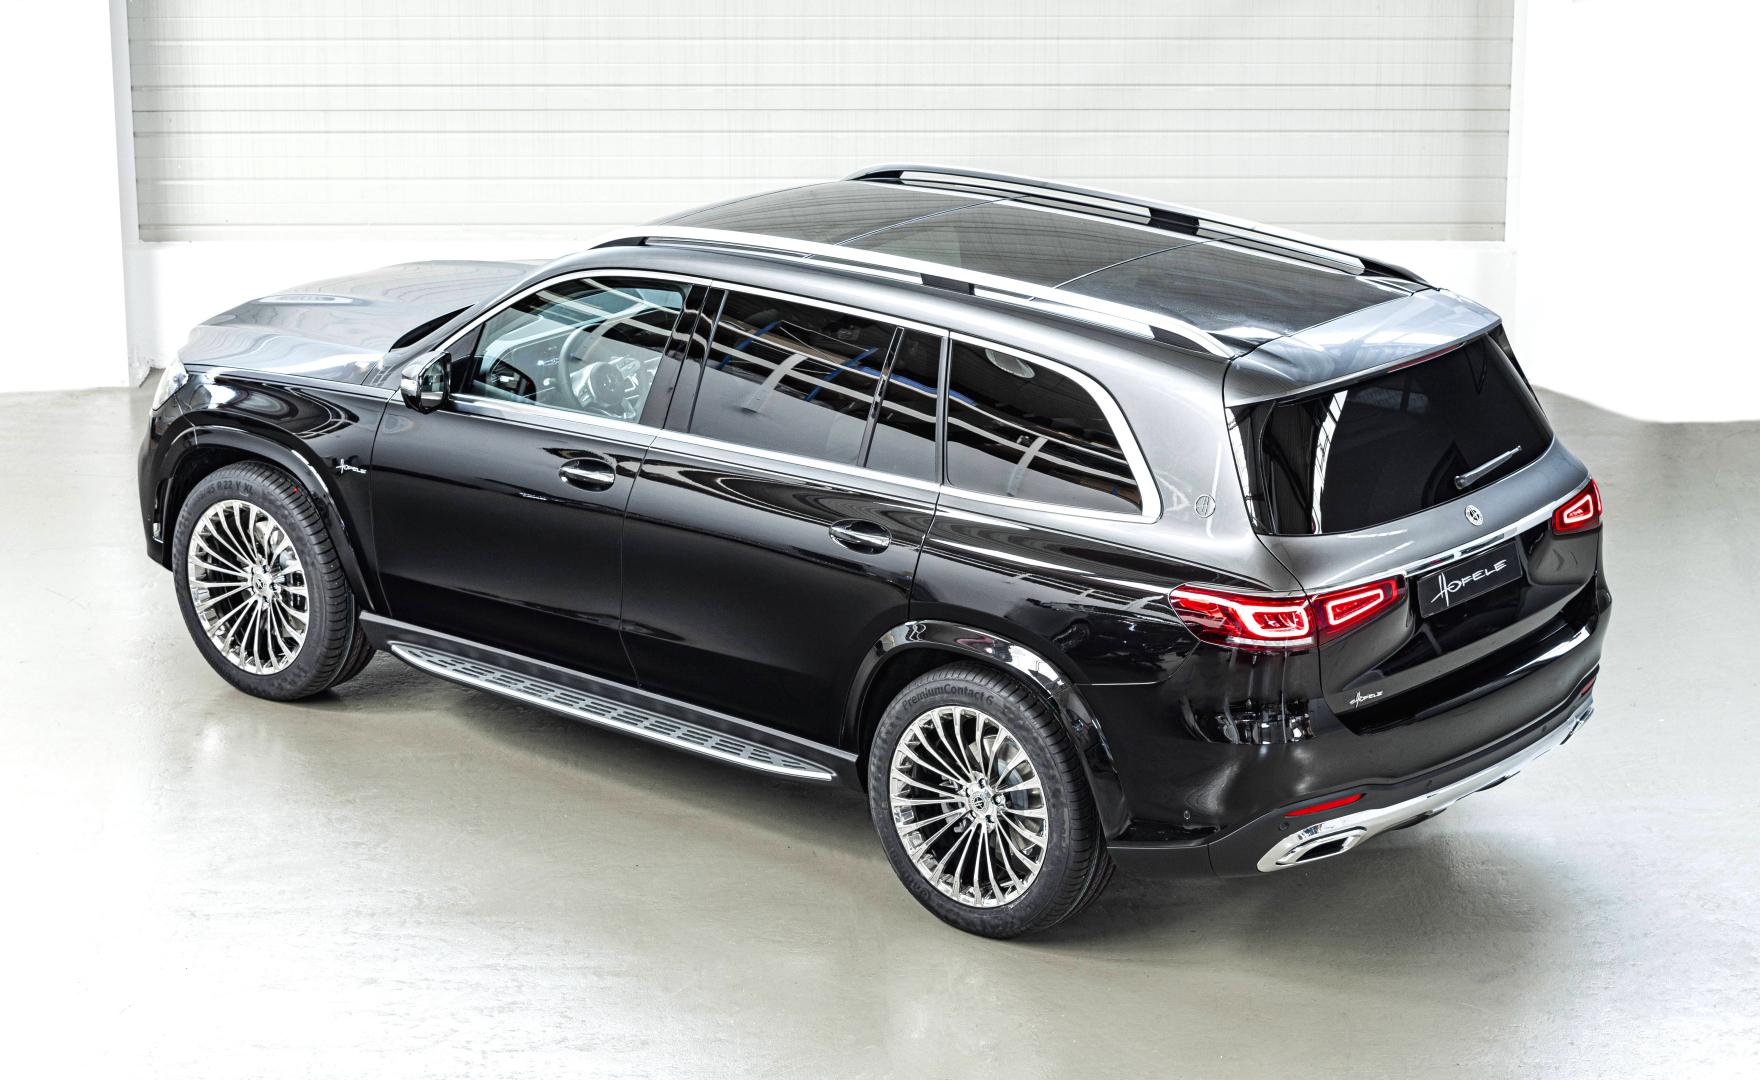 Ultimate HGLS bản độ không giới hạn của Mercedes-Benz GLS